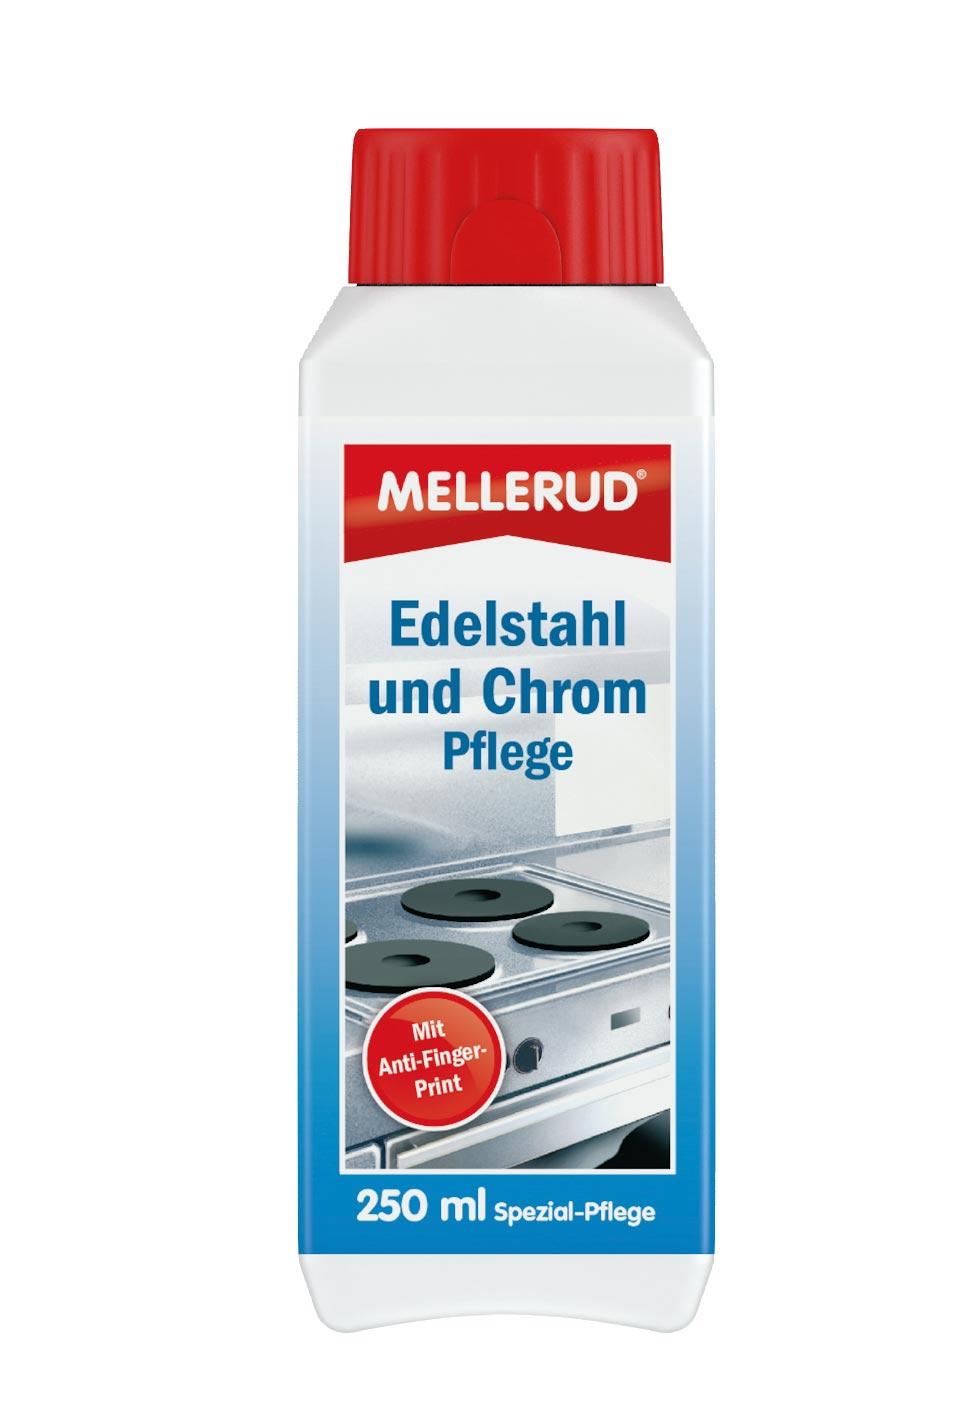 MELLERUD Edelstahl und Chrom Pflege 250 ml Bild 1